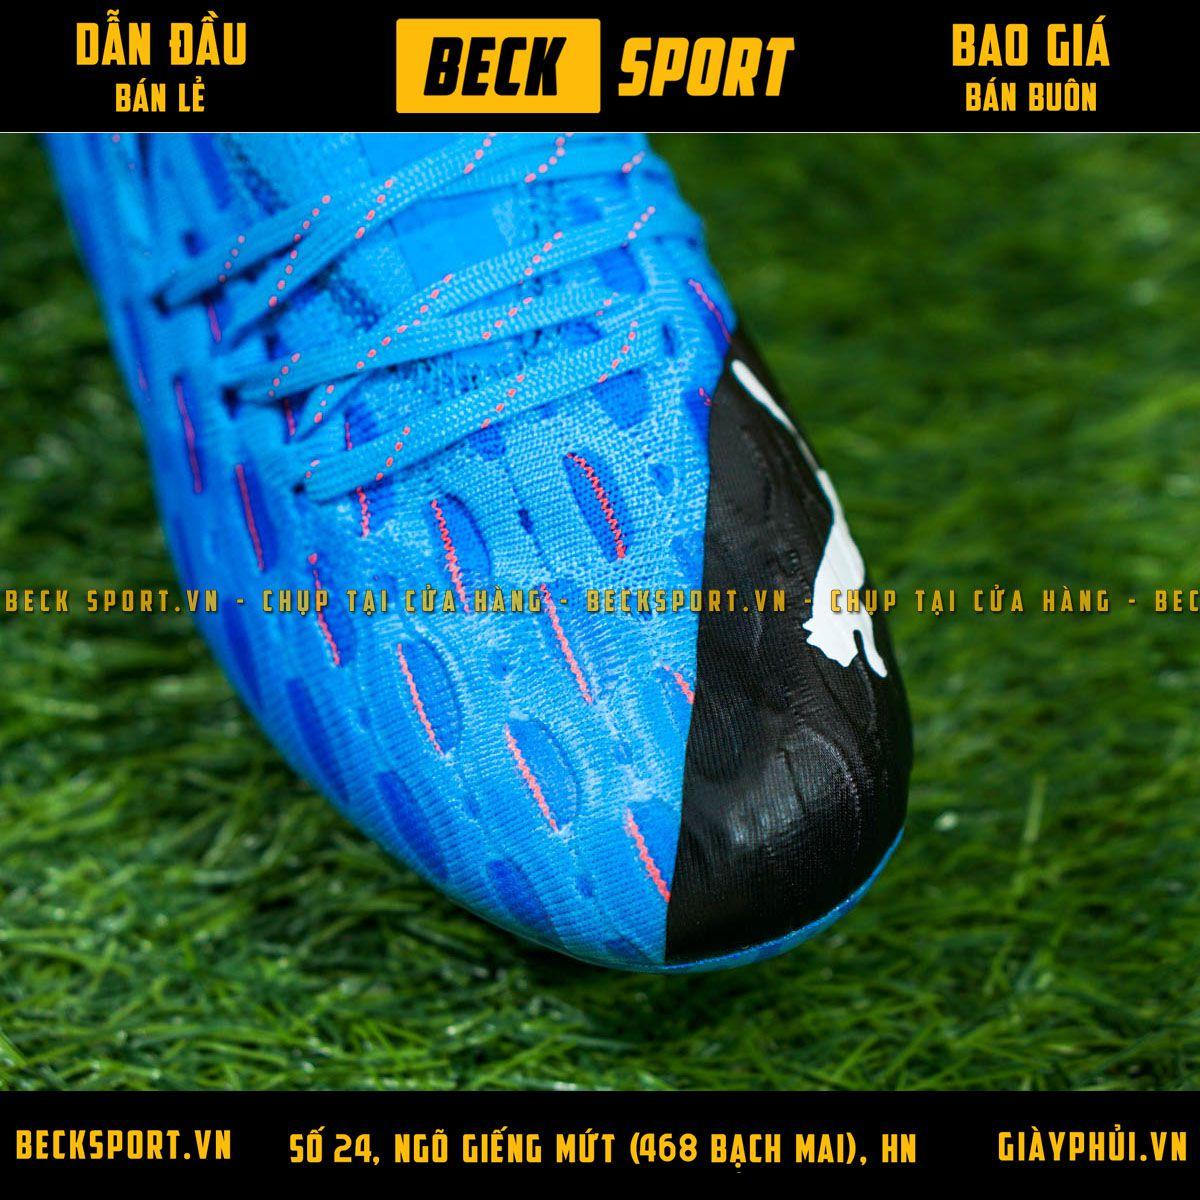 Giày Bóng Đá Puma Future 5.1 Netfit Xanh Biển Gót Đen Cổ Lửng FG